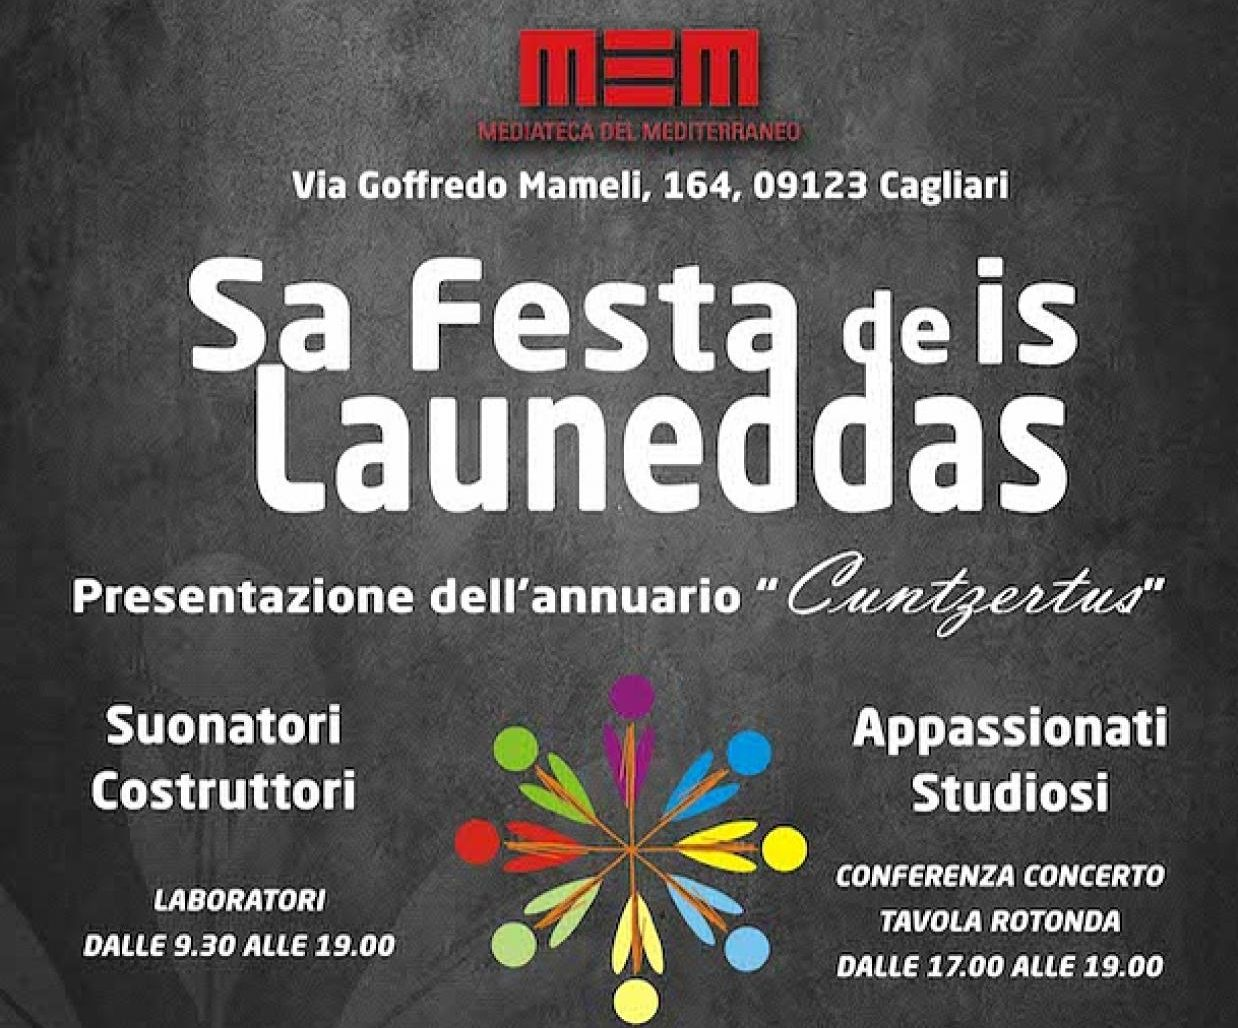 Sabato 3 dicembre sarà la giornata dedicata alle Launeddas. SA FESTA DE IS LAUNEDDAS